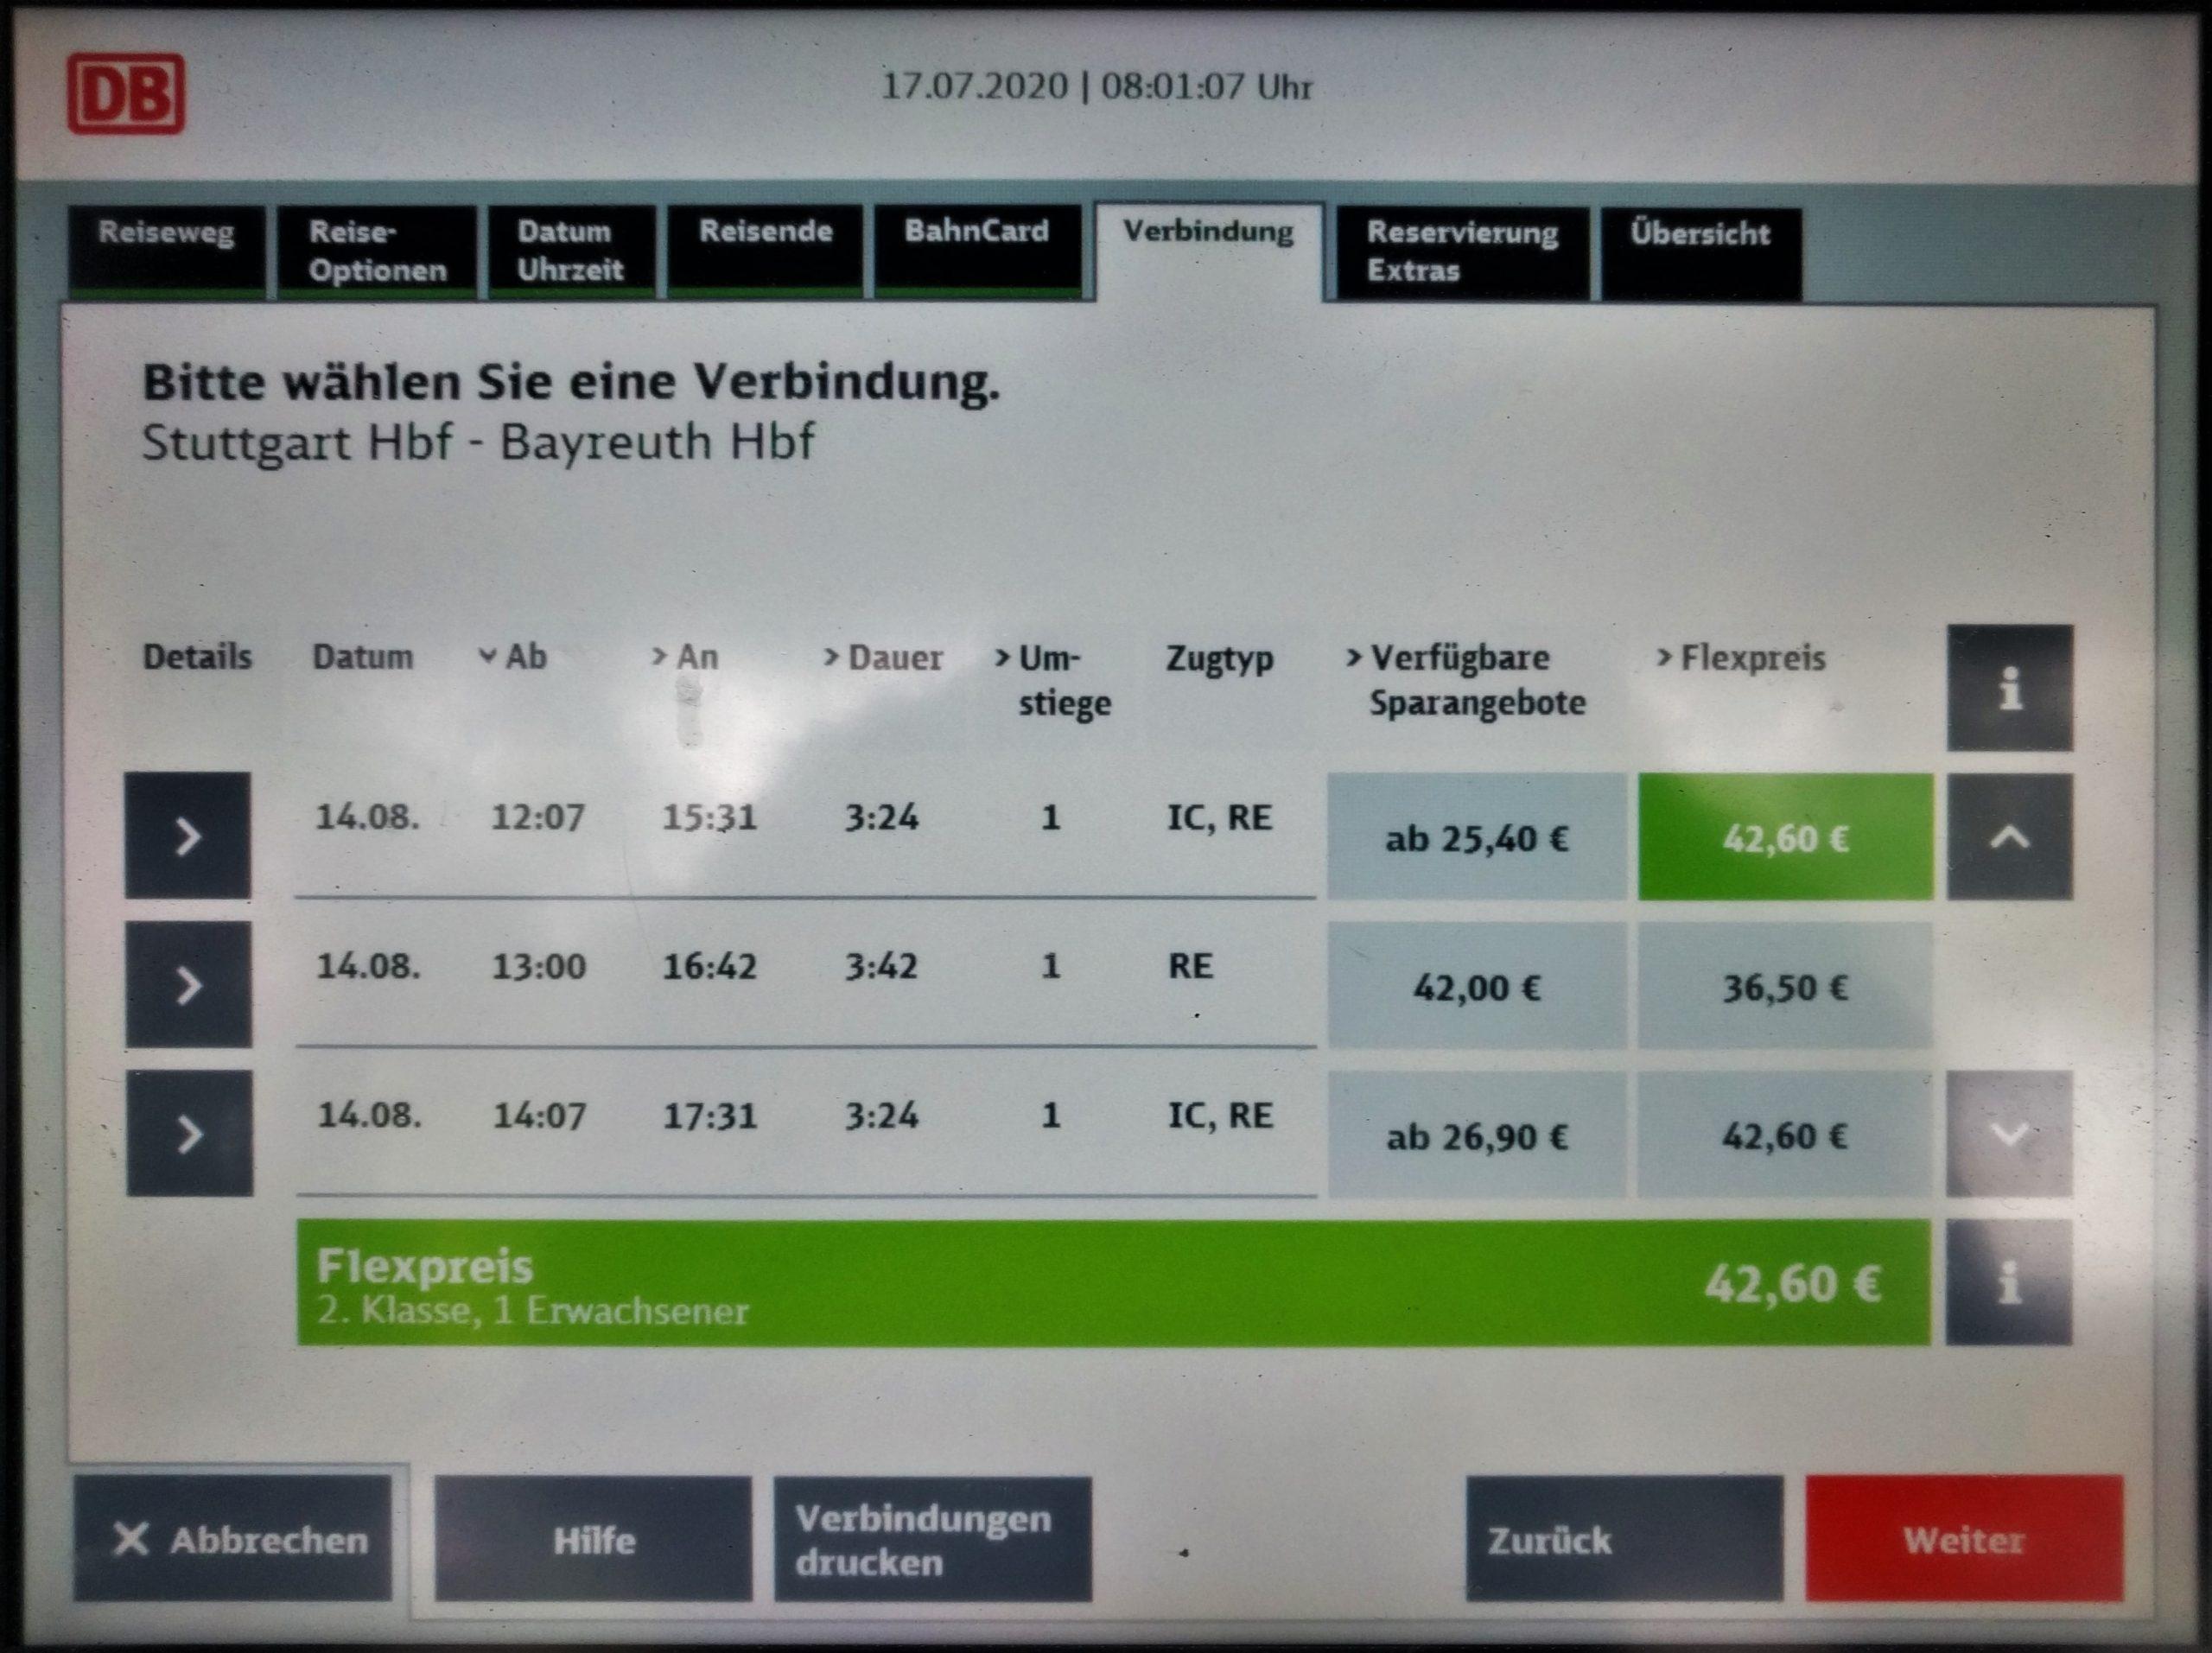 DB-Fahrscheinautomat